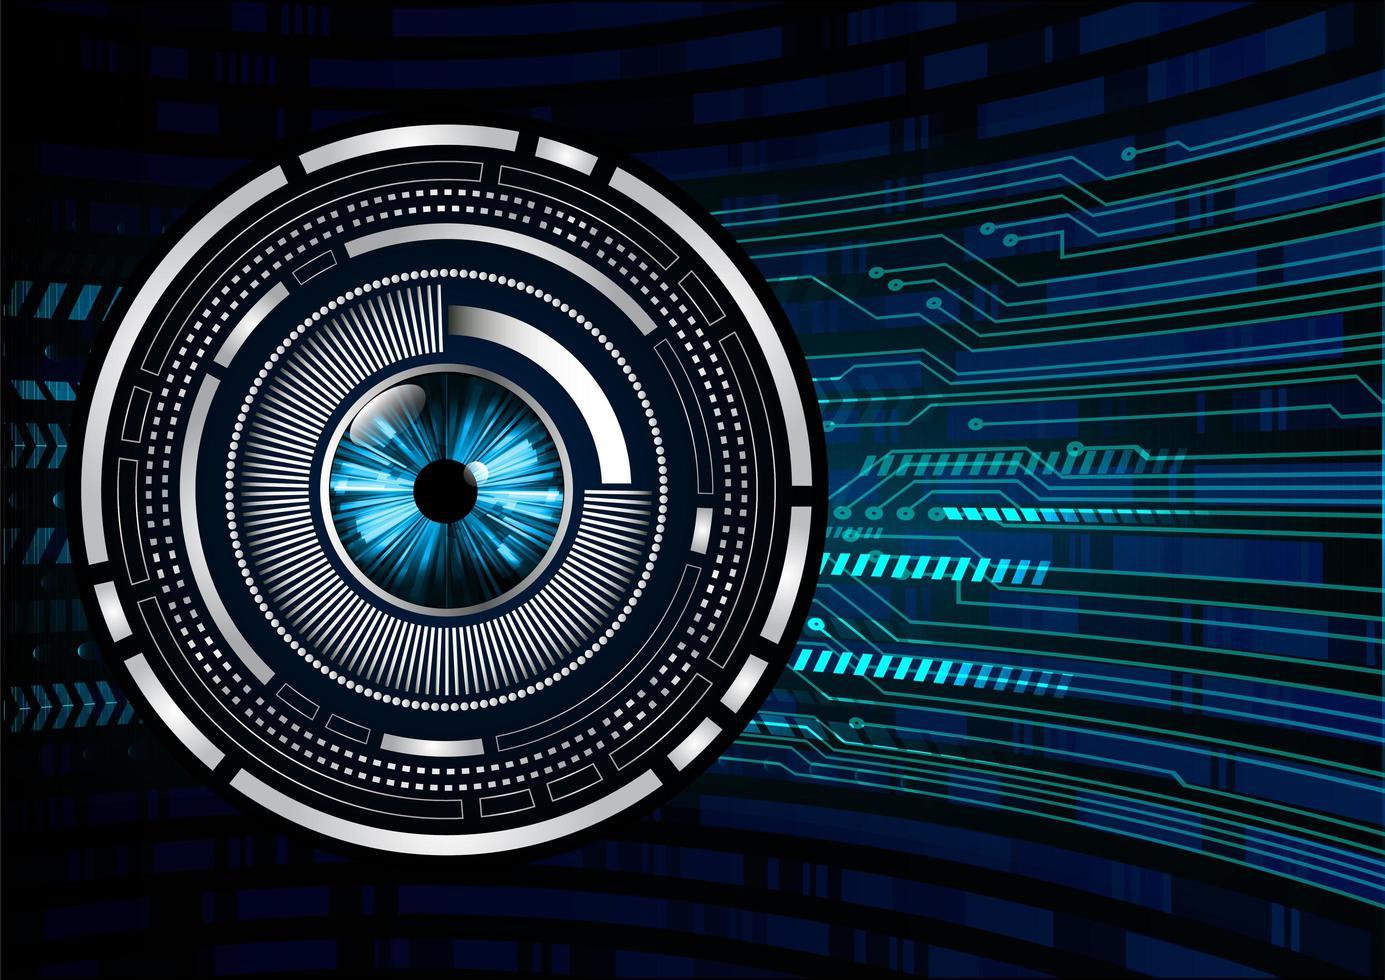 fond de concept futur tech circuit oeil bleu vecteur